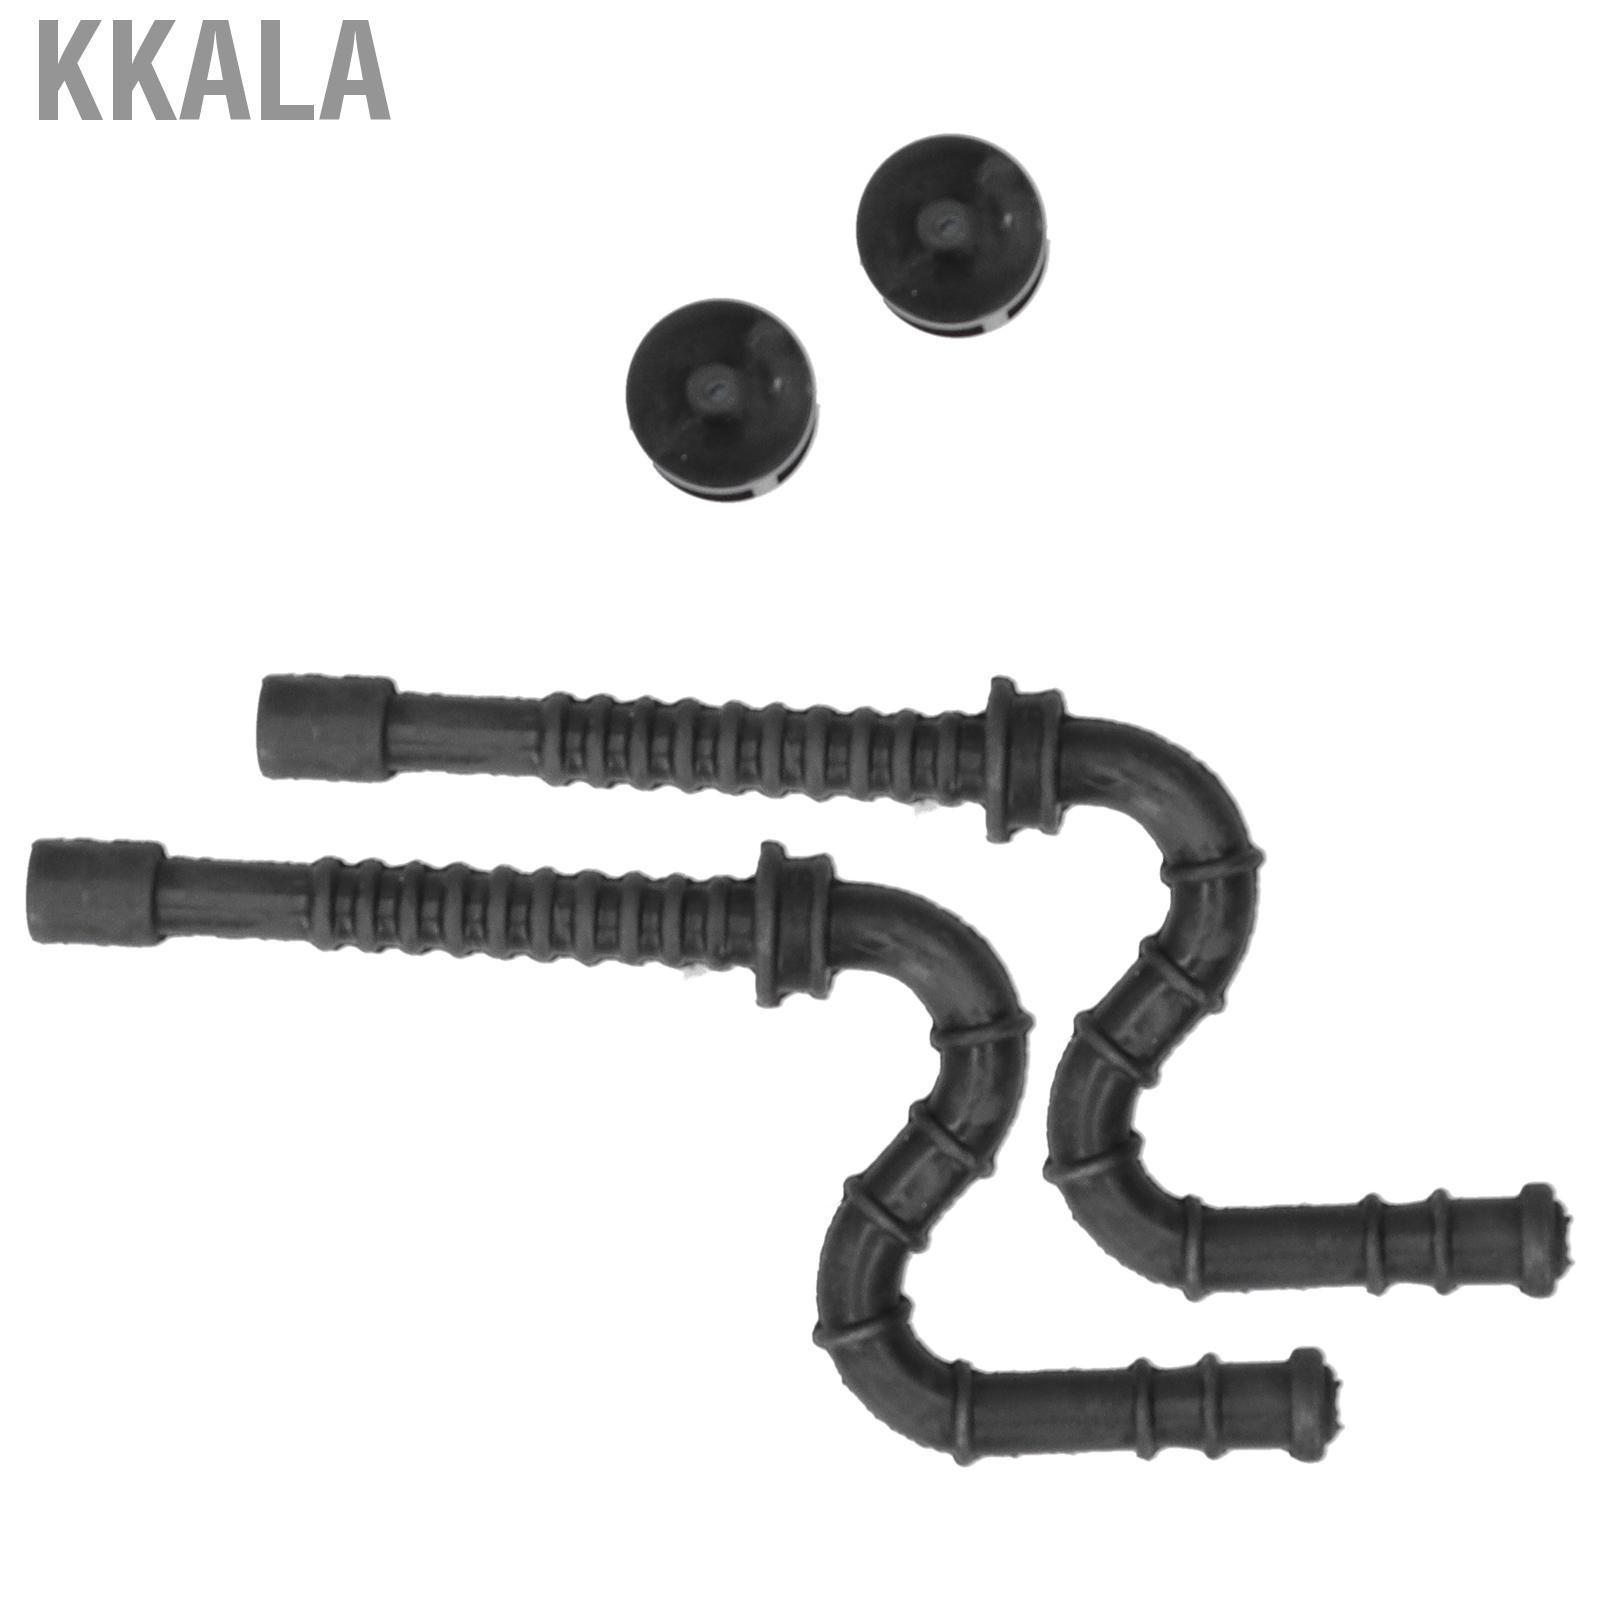 Kkala ท่อกรองน้ํามันเชื้อเพลิงเหมาะสําหรับ Stihl 028 029 036 039 Ms290 Ms340 Ms360 Ms390